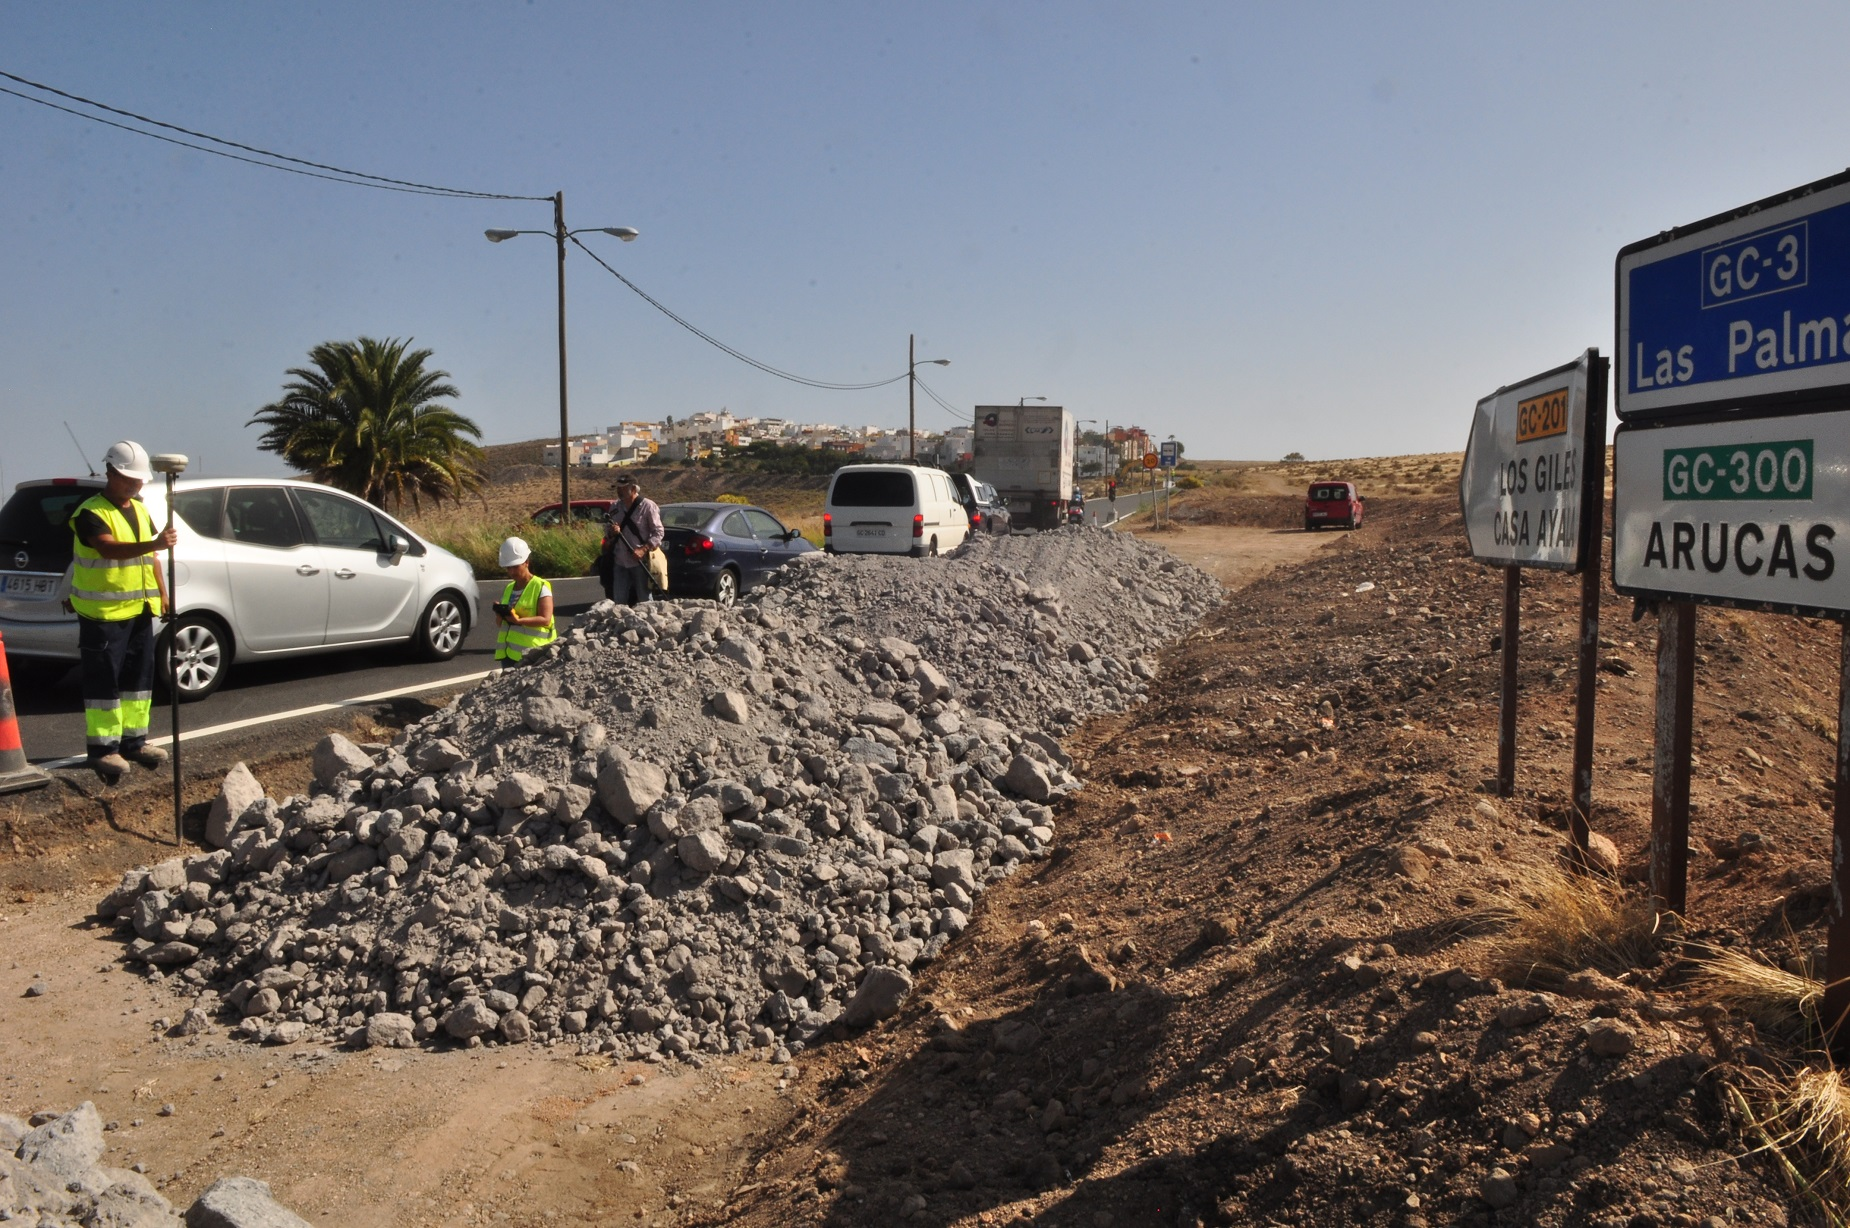 Obras en Los Giles en Las Palmas de Gran Canaria